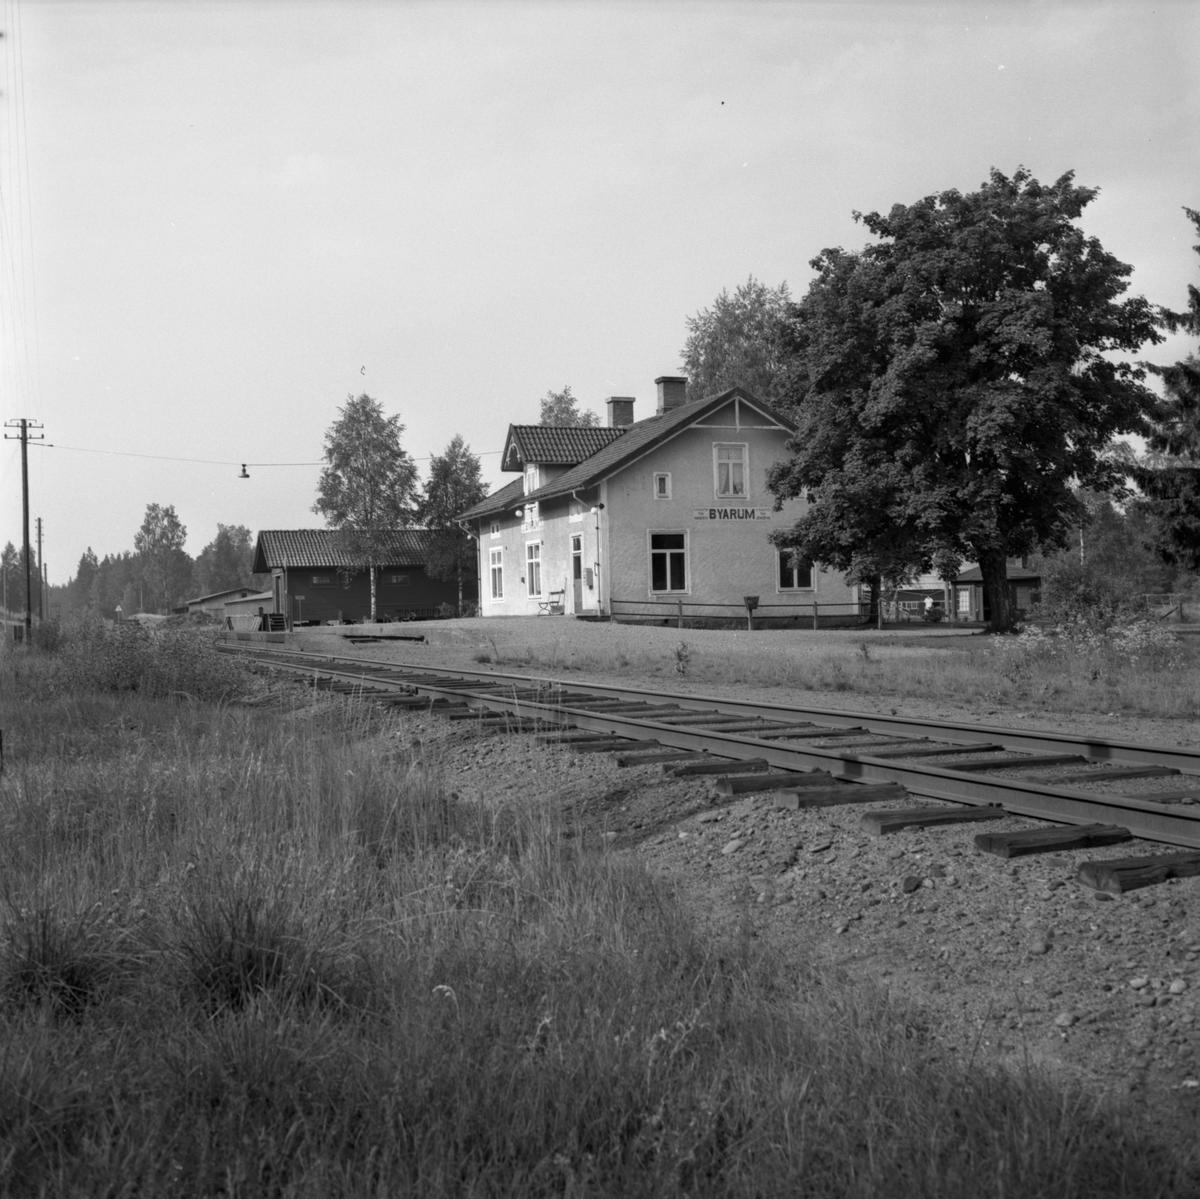 Byarum station.